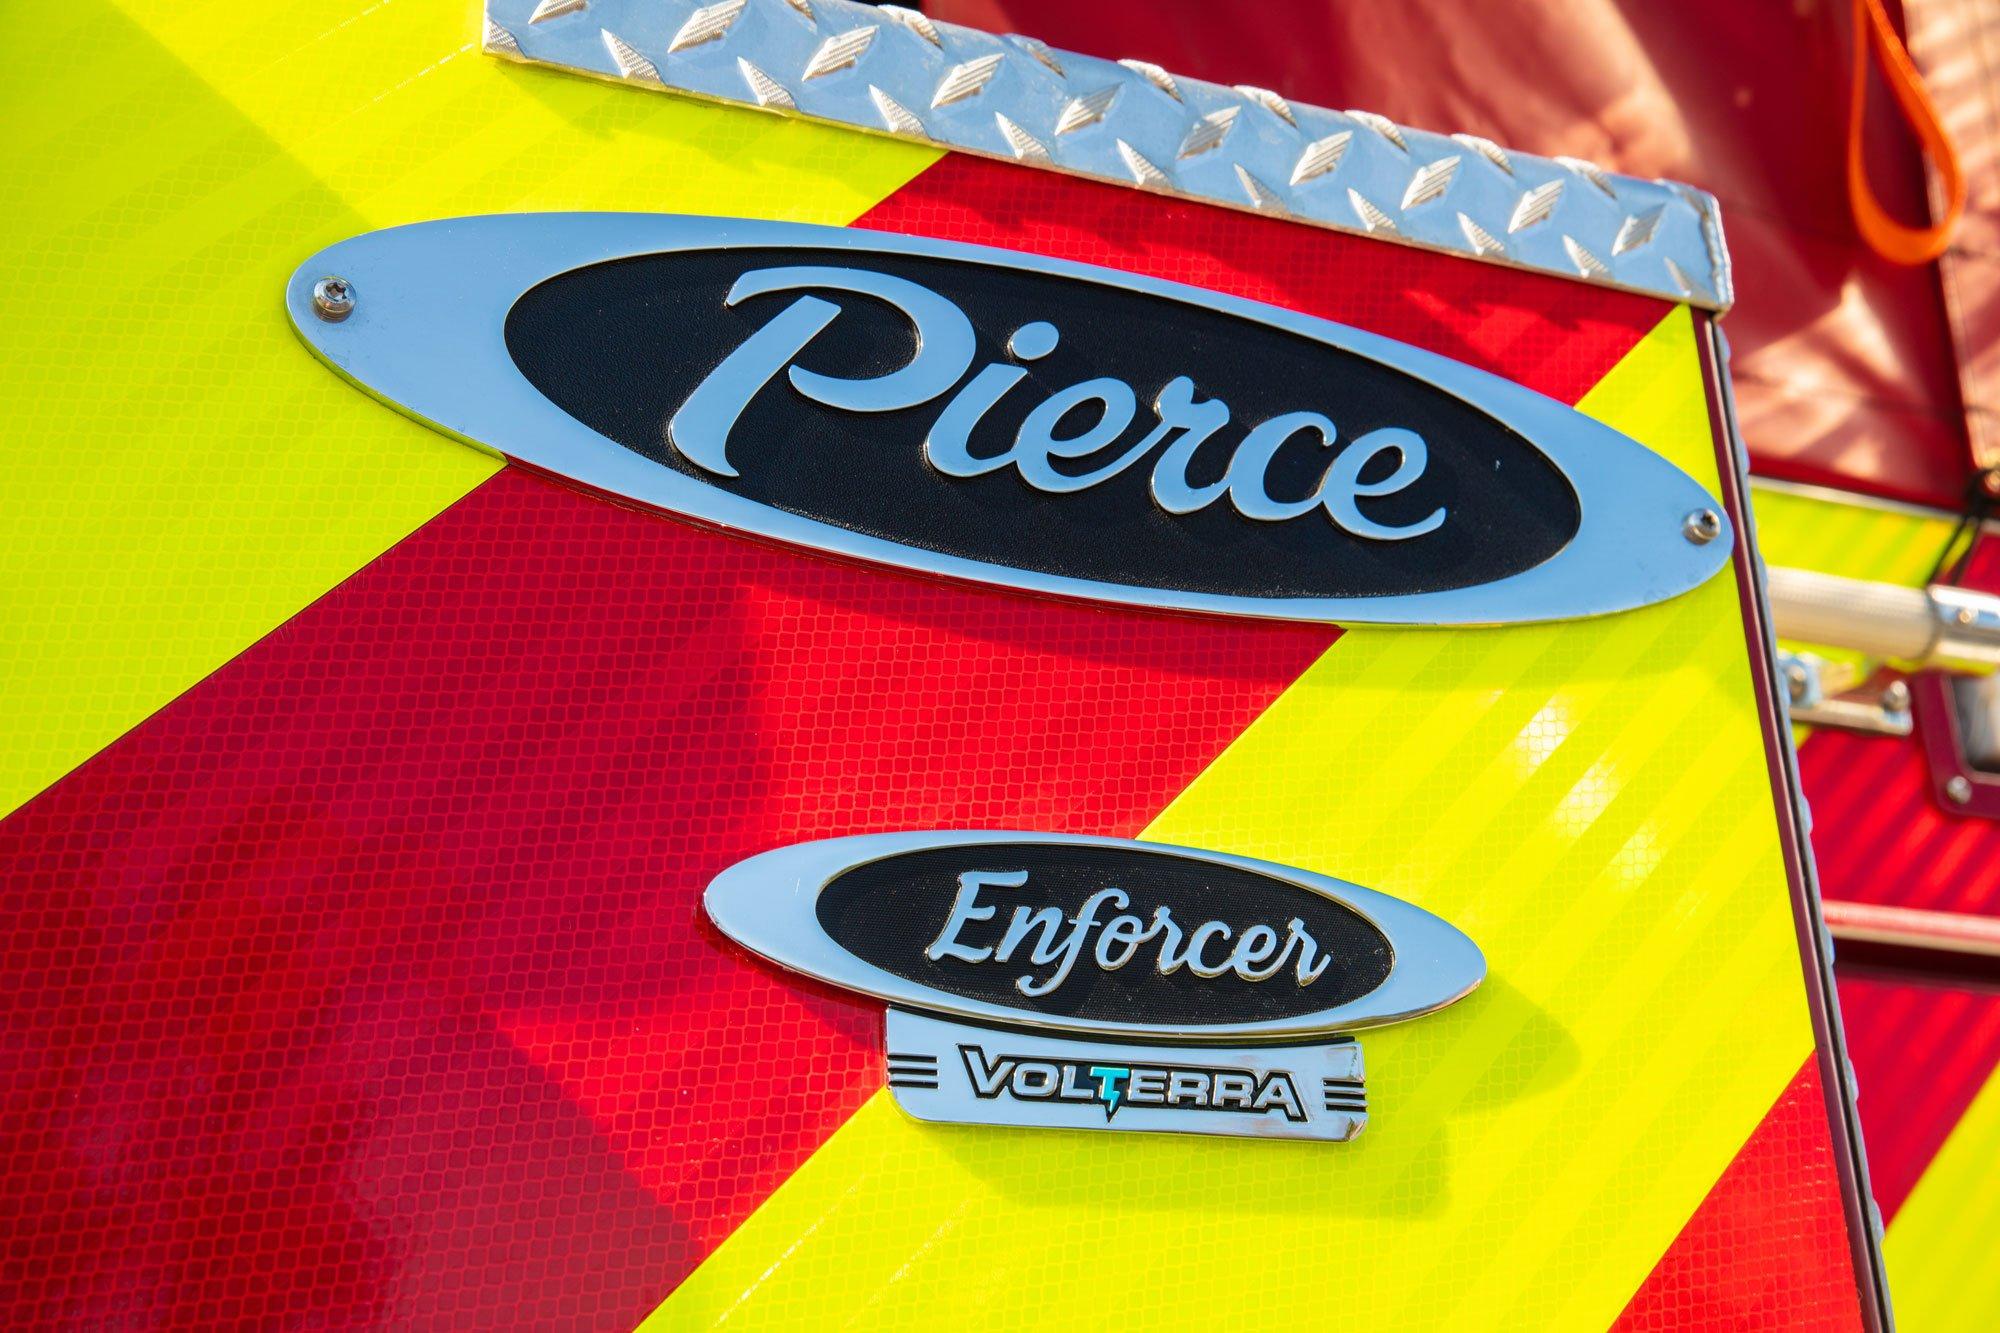 Pierce Volterra Technology Thumbnail2